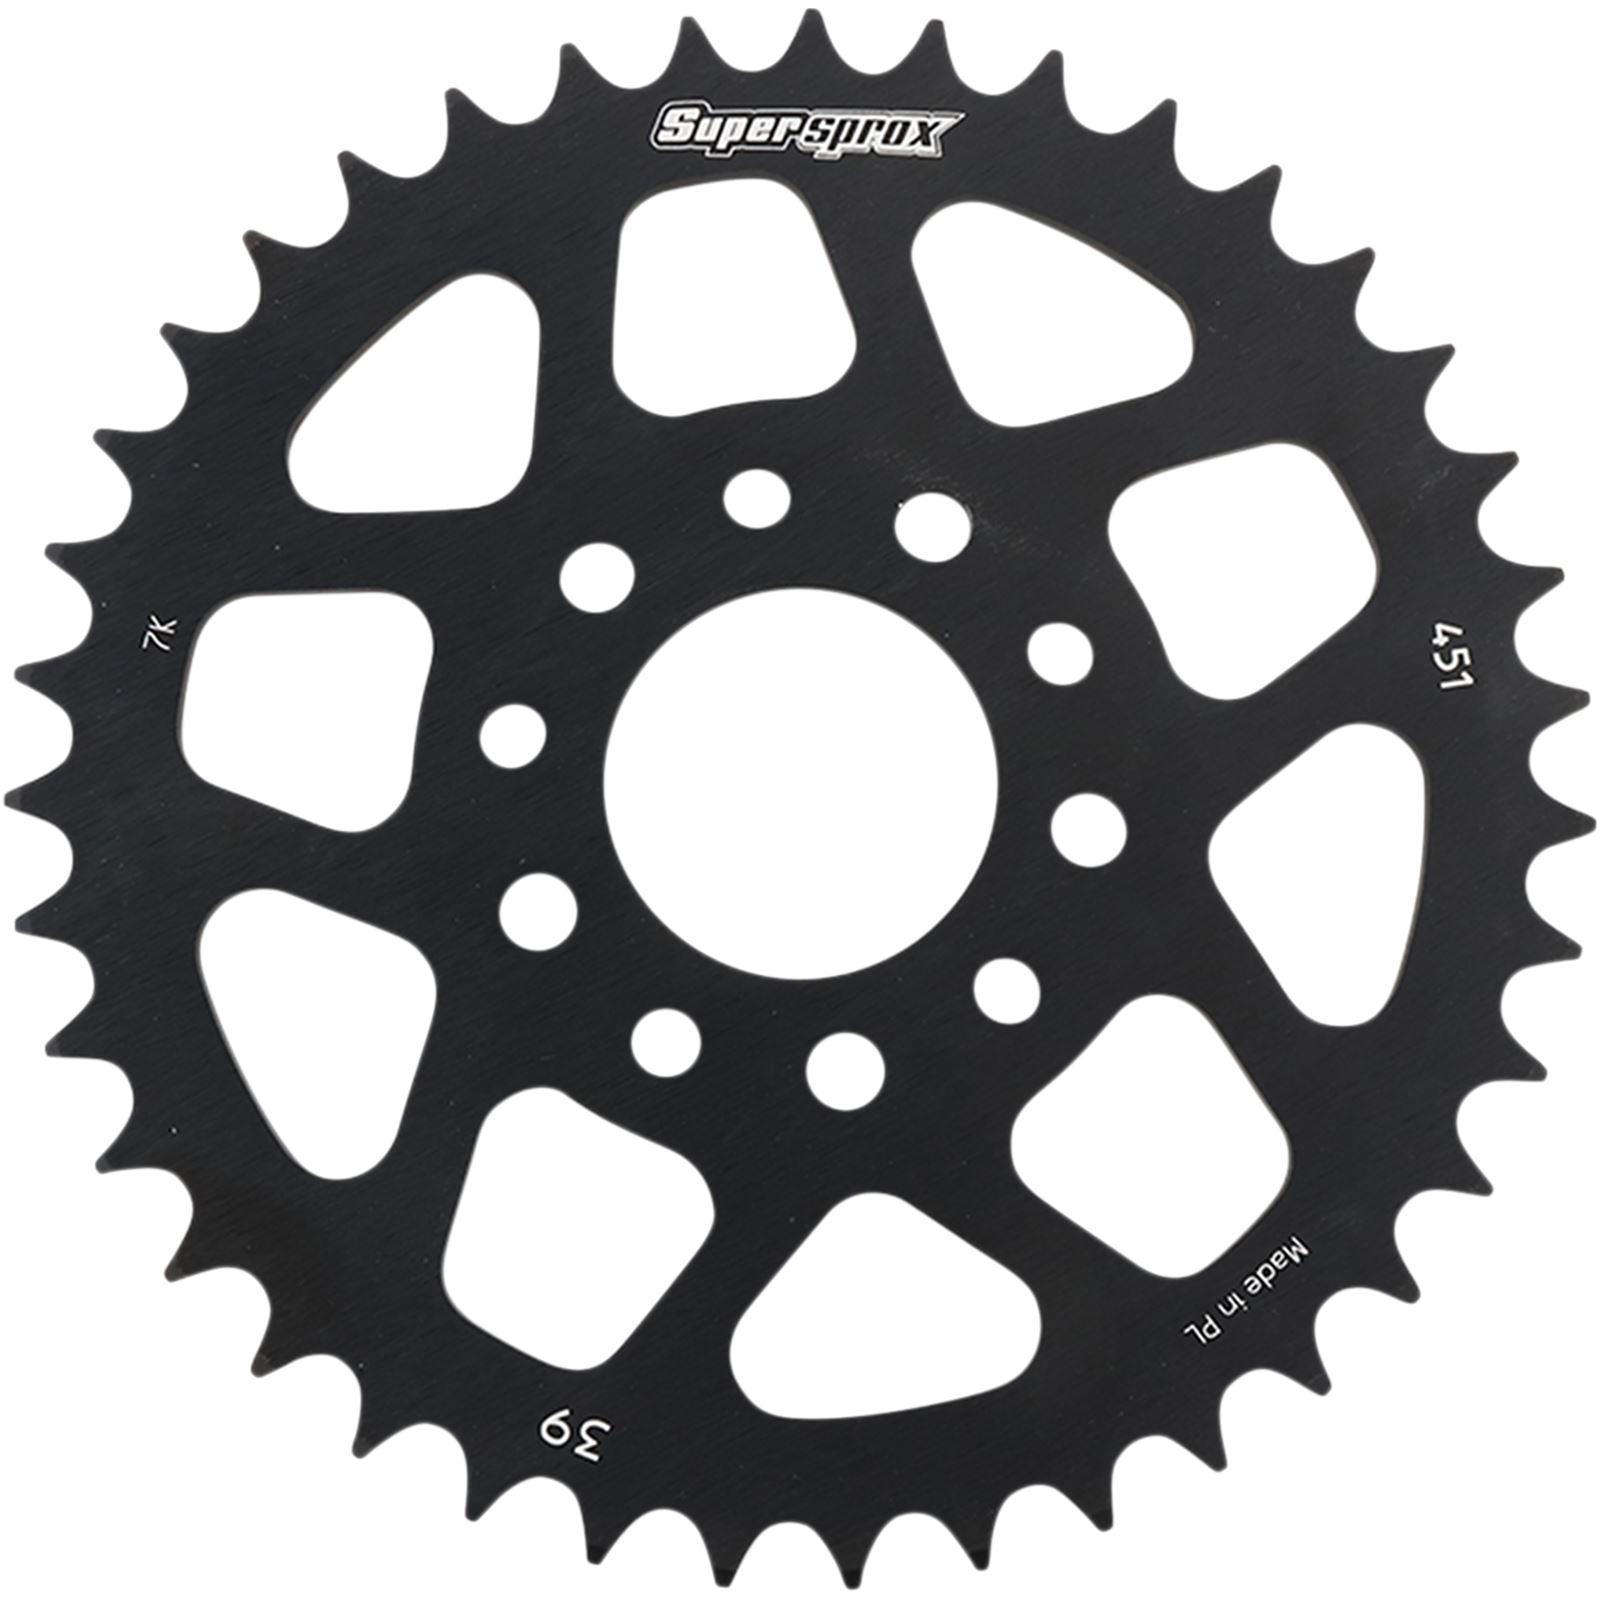 Supersprox Rear Sprocket - Black for KTM - 39-Tooth